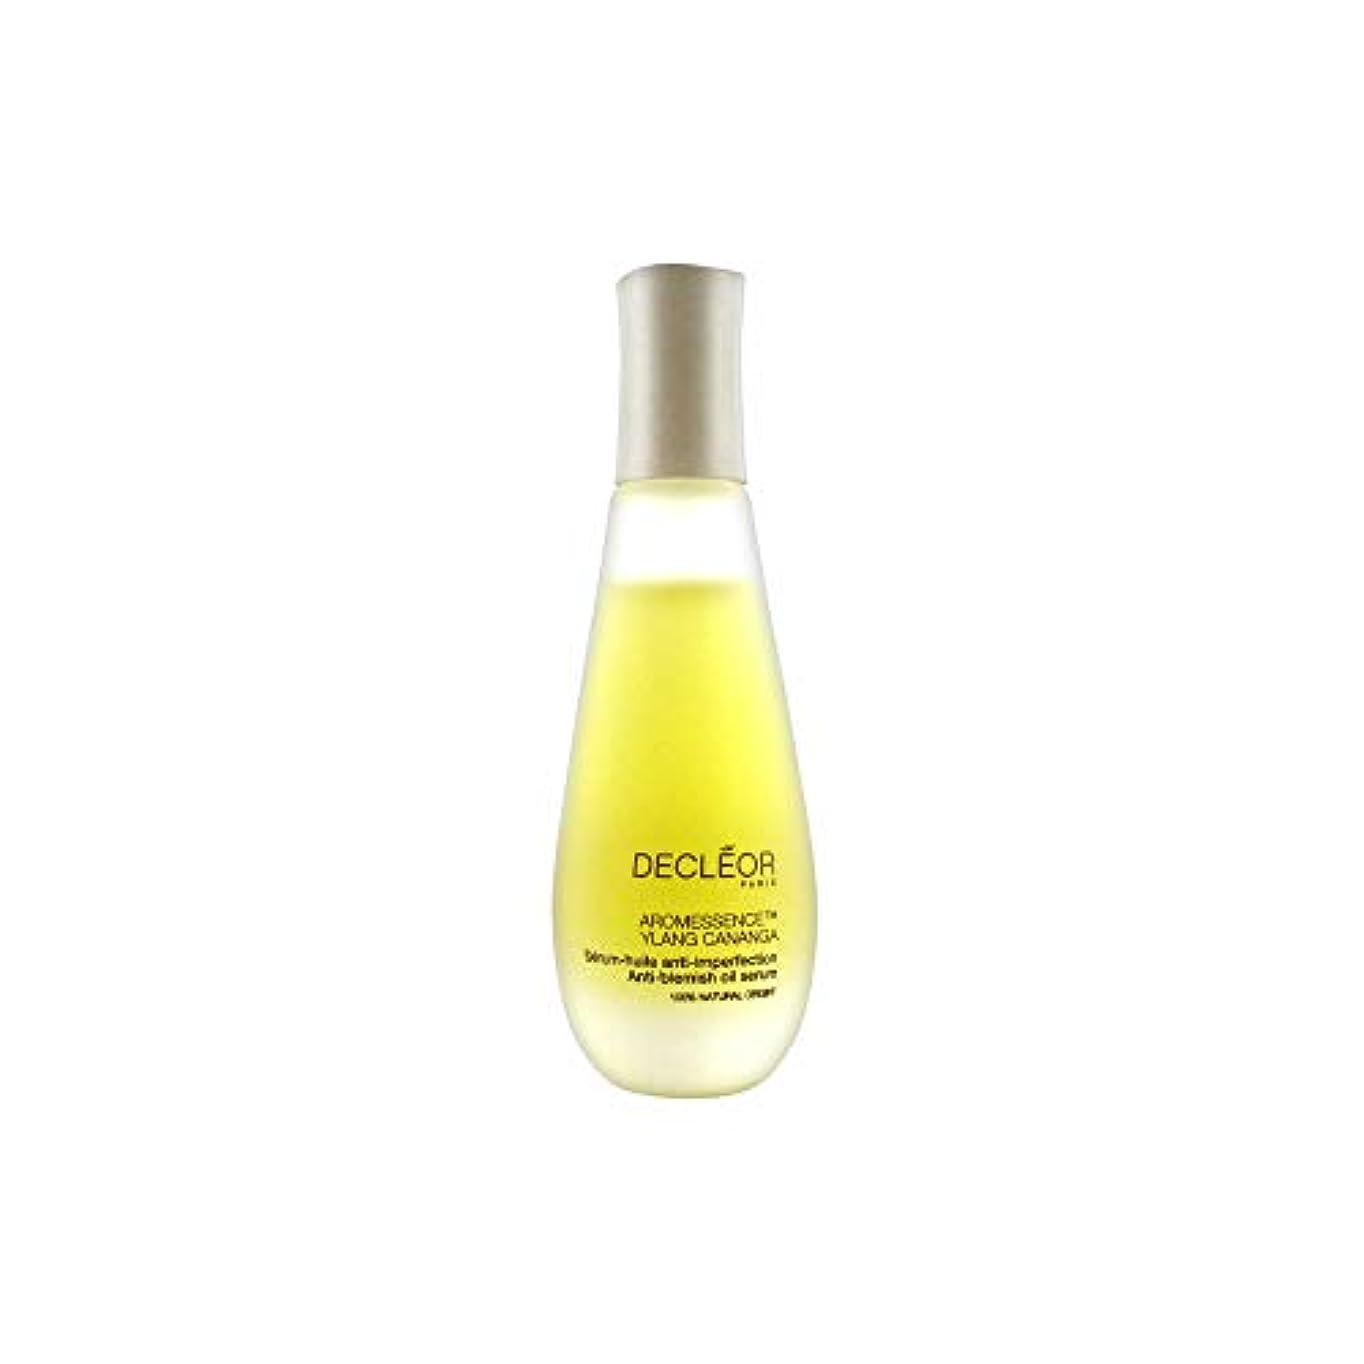 実験をするニンニクイベントデクレオール Aromessence Ylang Cananga Anti-Blemish Oil Serum - For Combination to Oily Skin 15ml/0.5oz並行輸入品